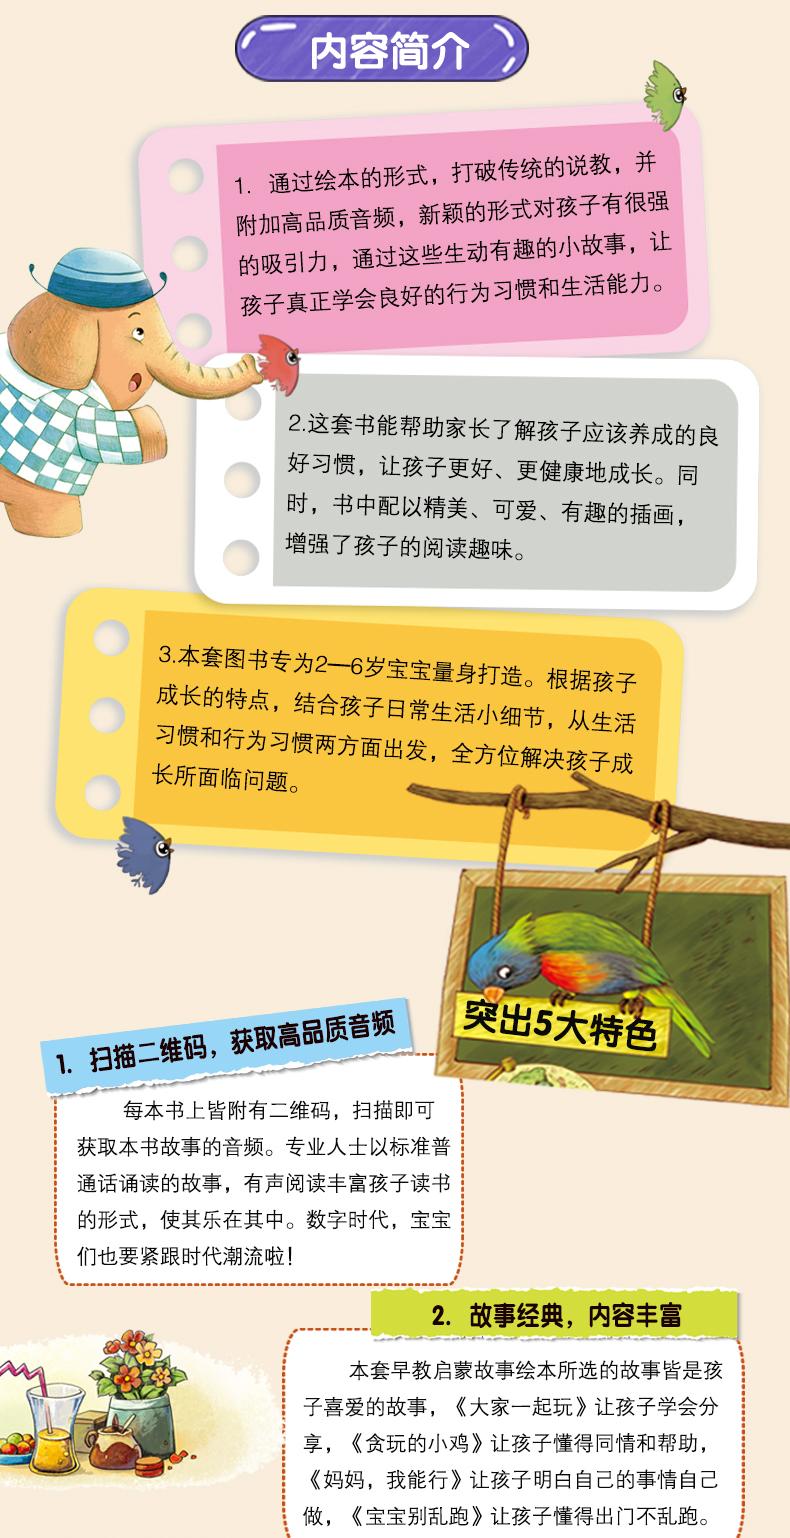 005聪明宝宝宣传-副本_04.jpg